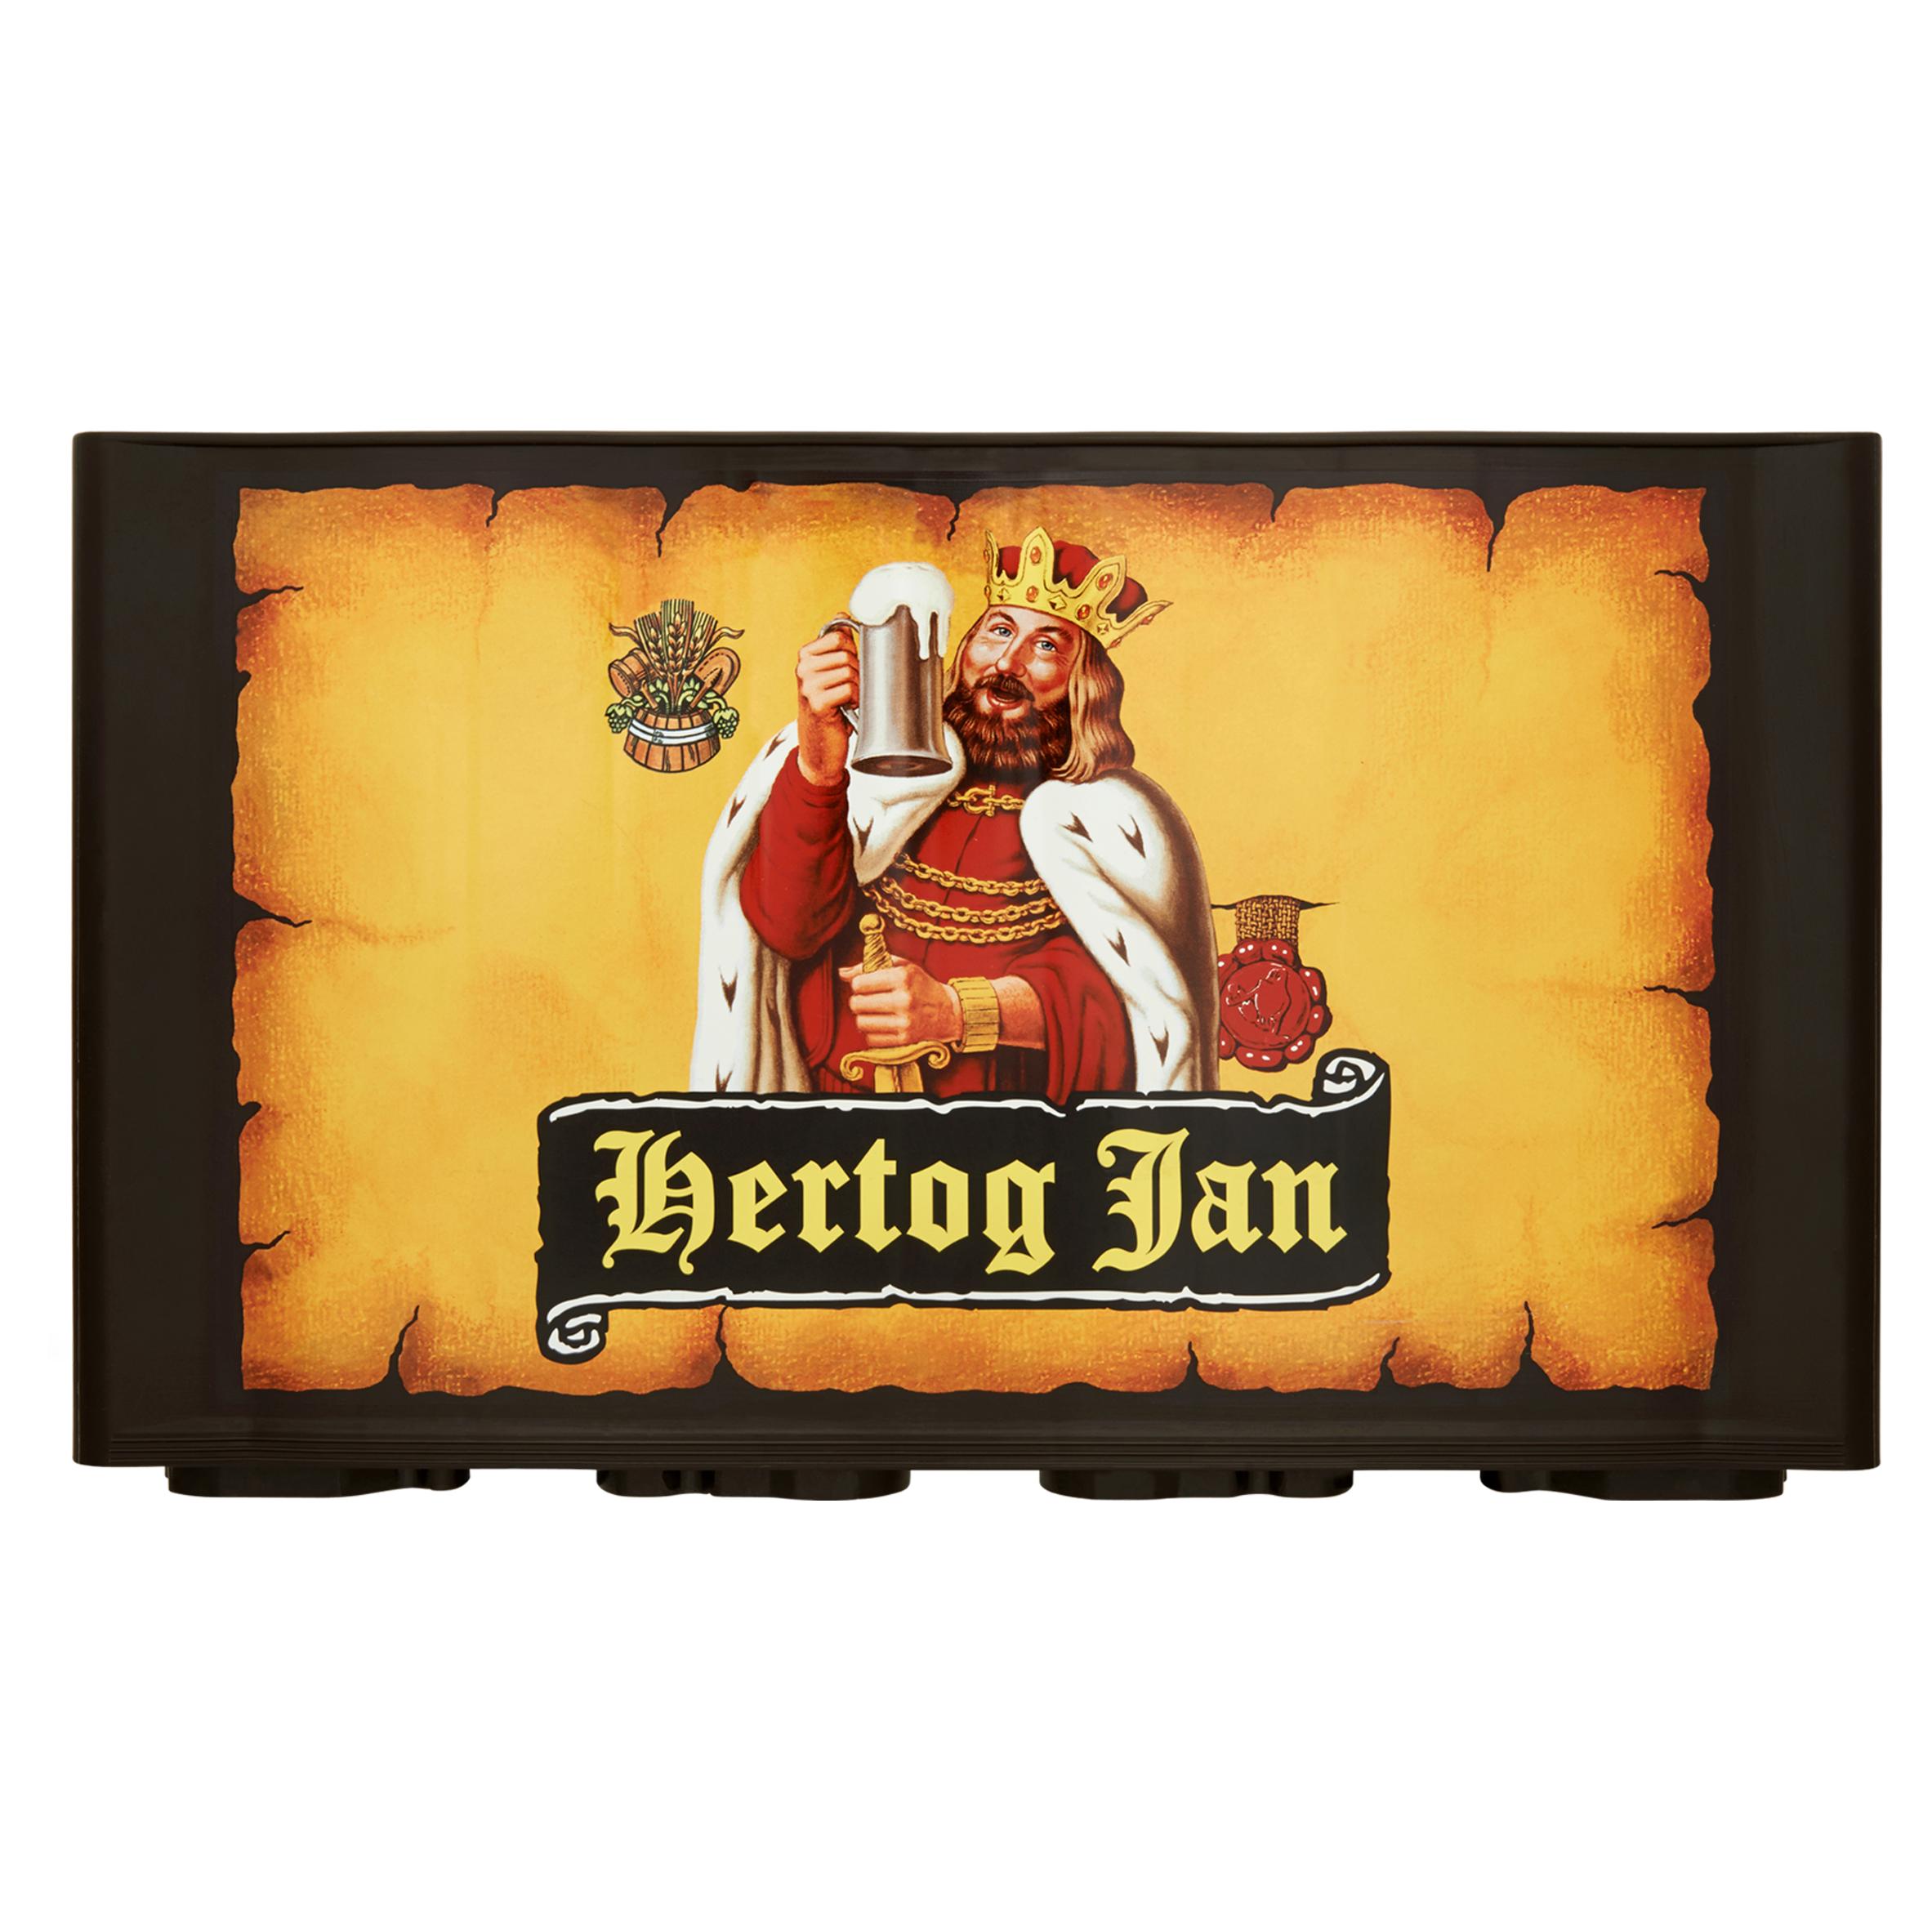 Hertog Jan Traditioneel Natuurzuiver Pils Bier Krat 24 x 30 cl